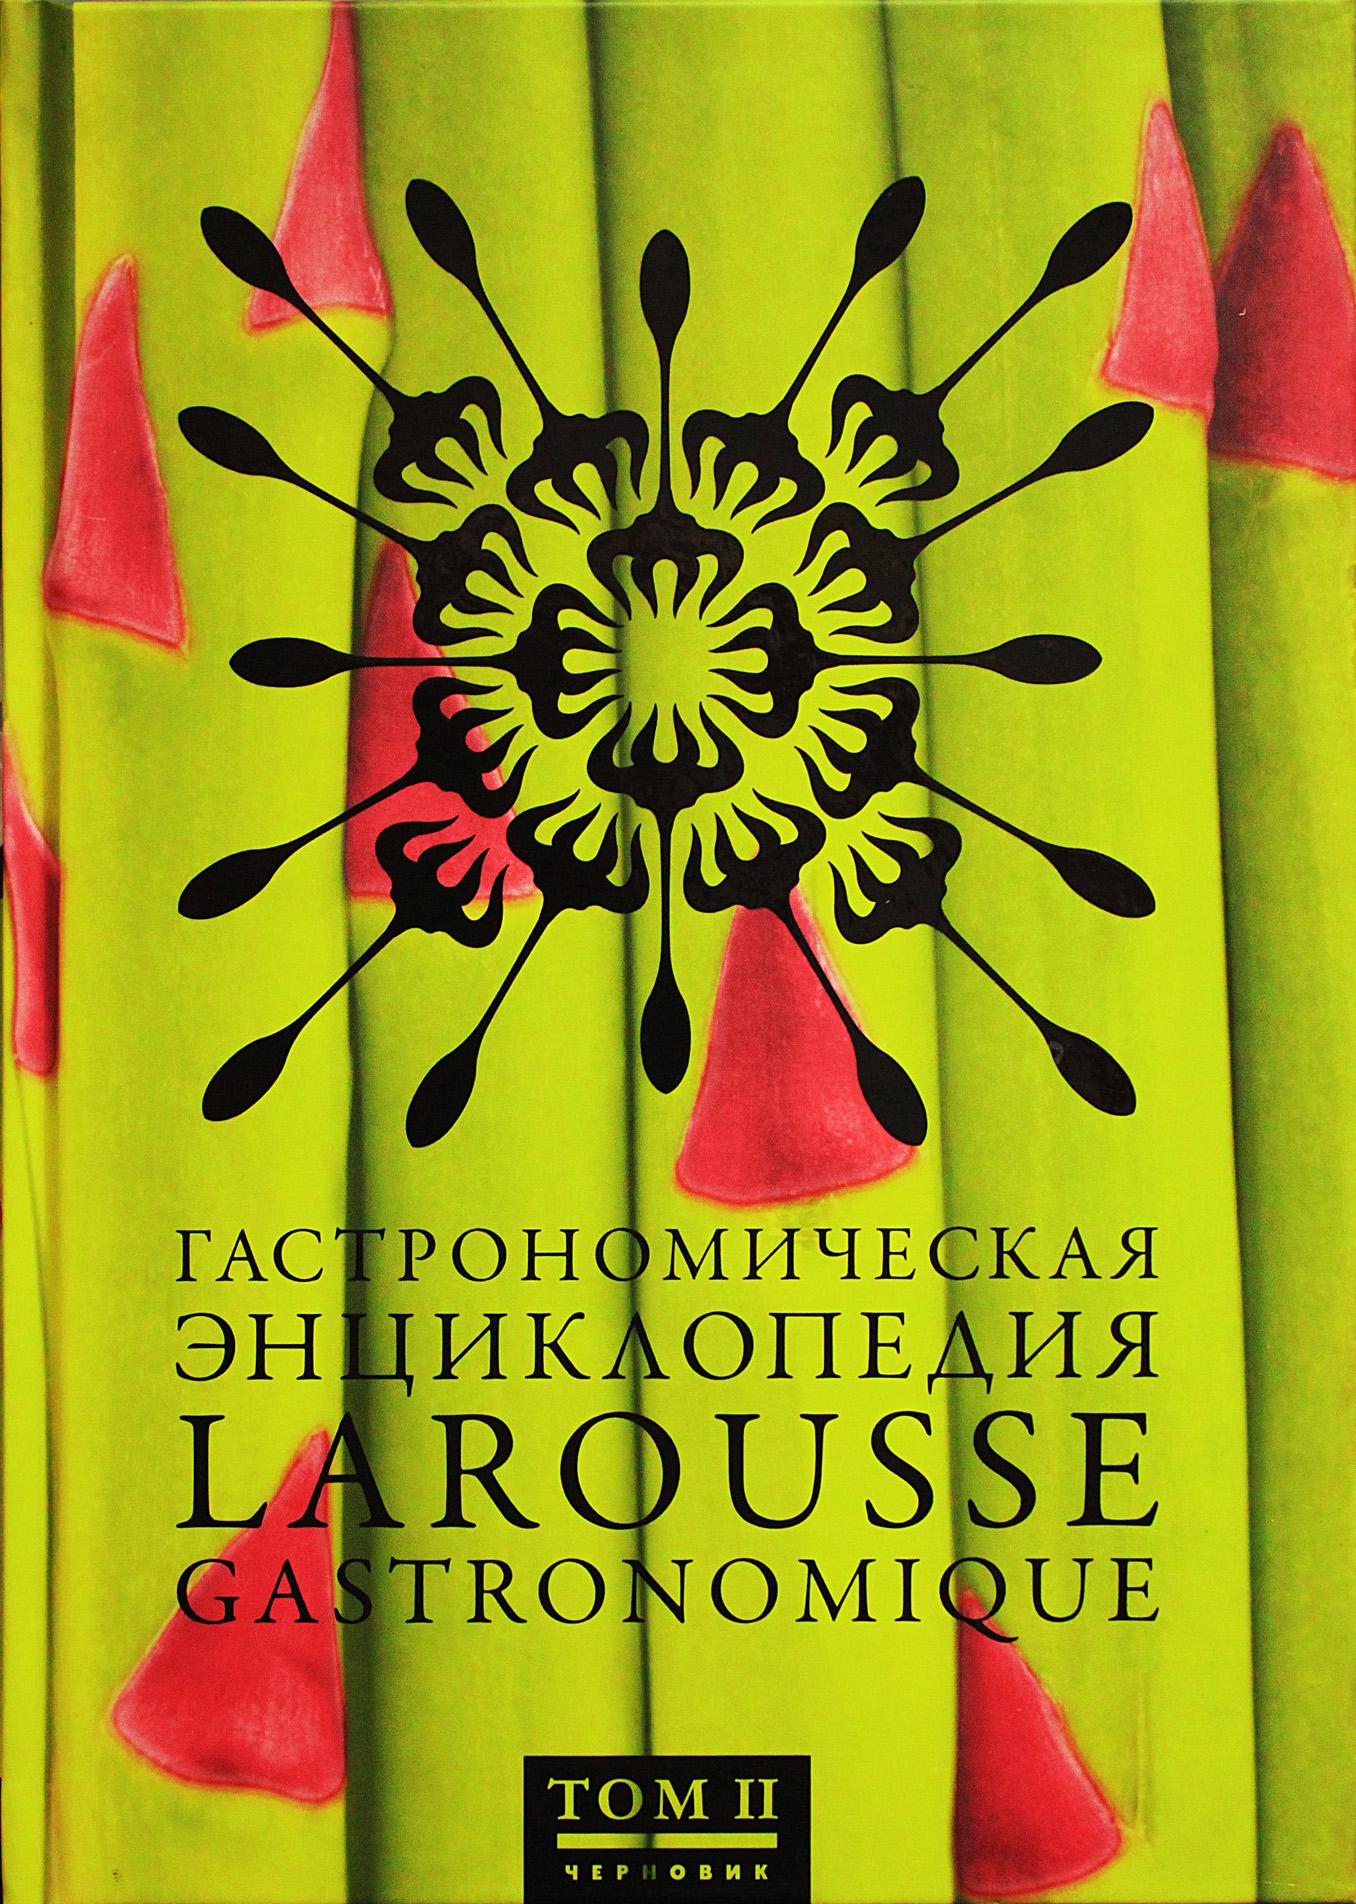 Larousse gastronomique,  tom 2